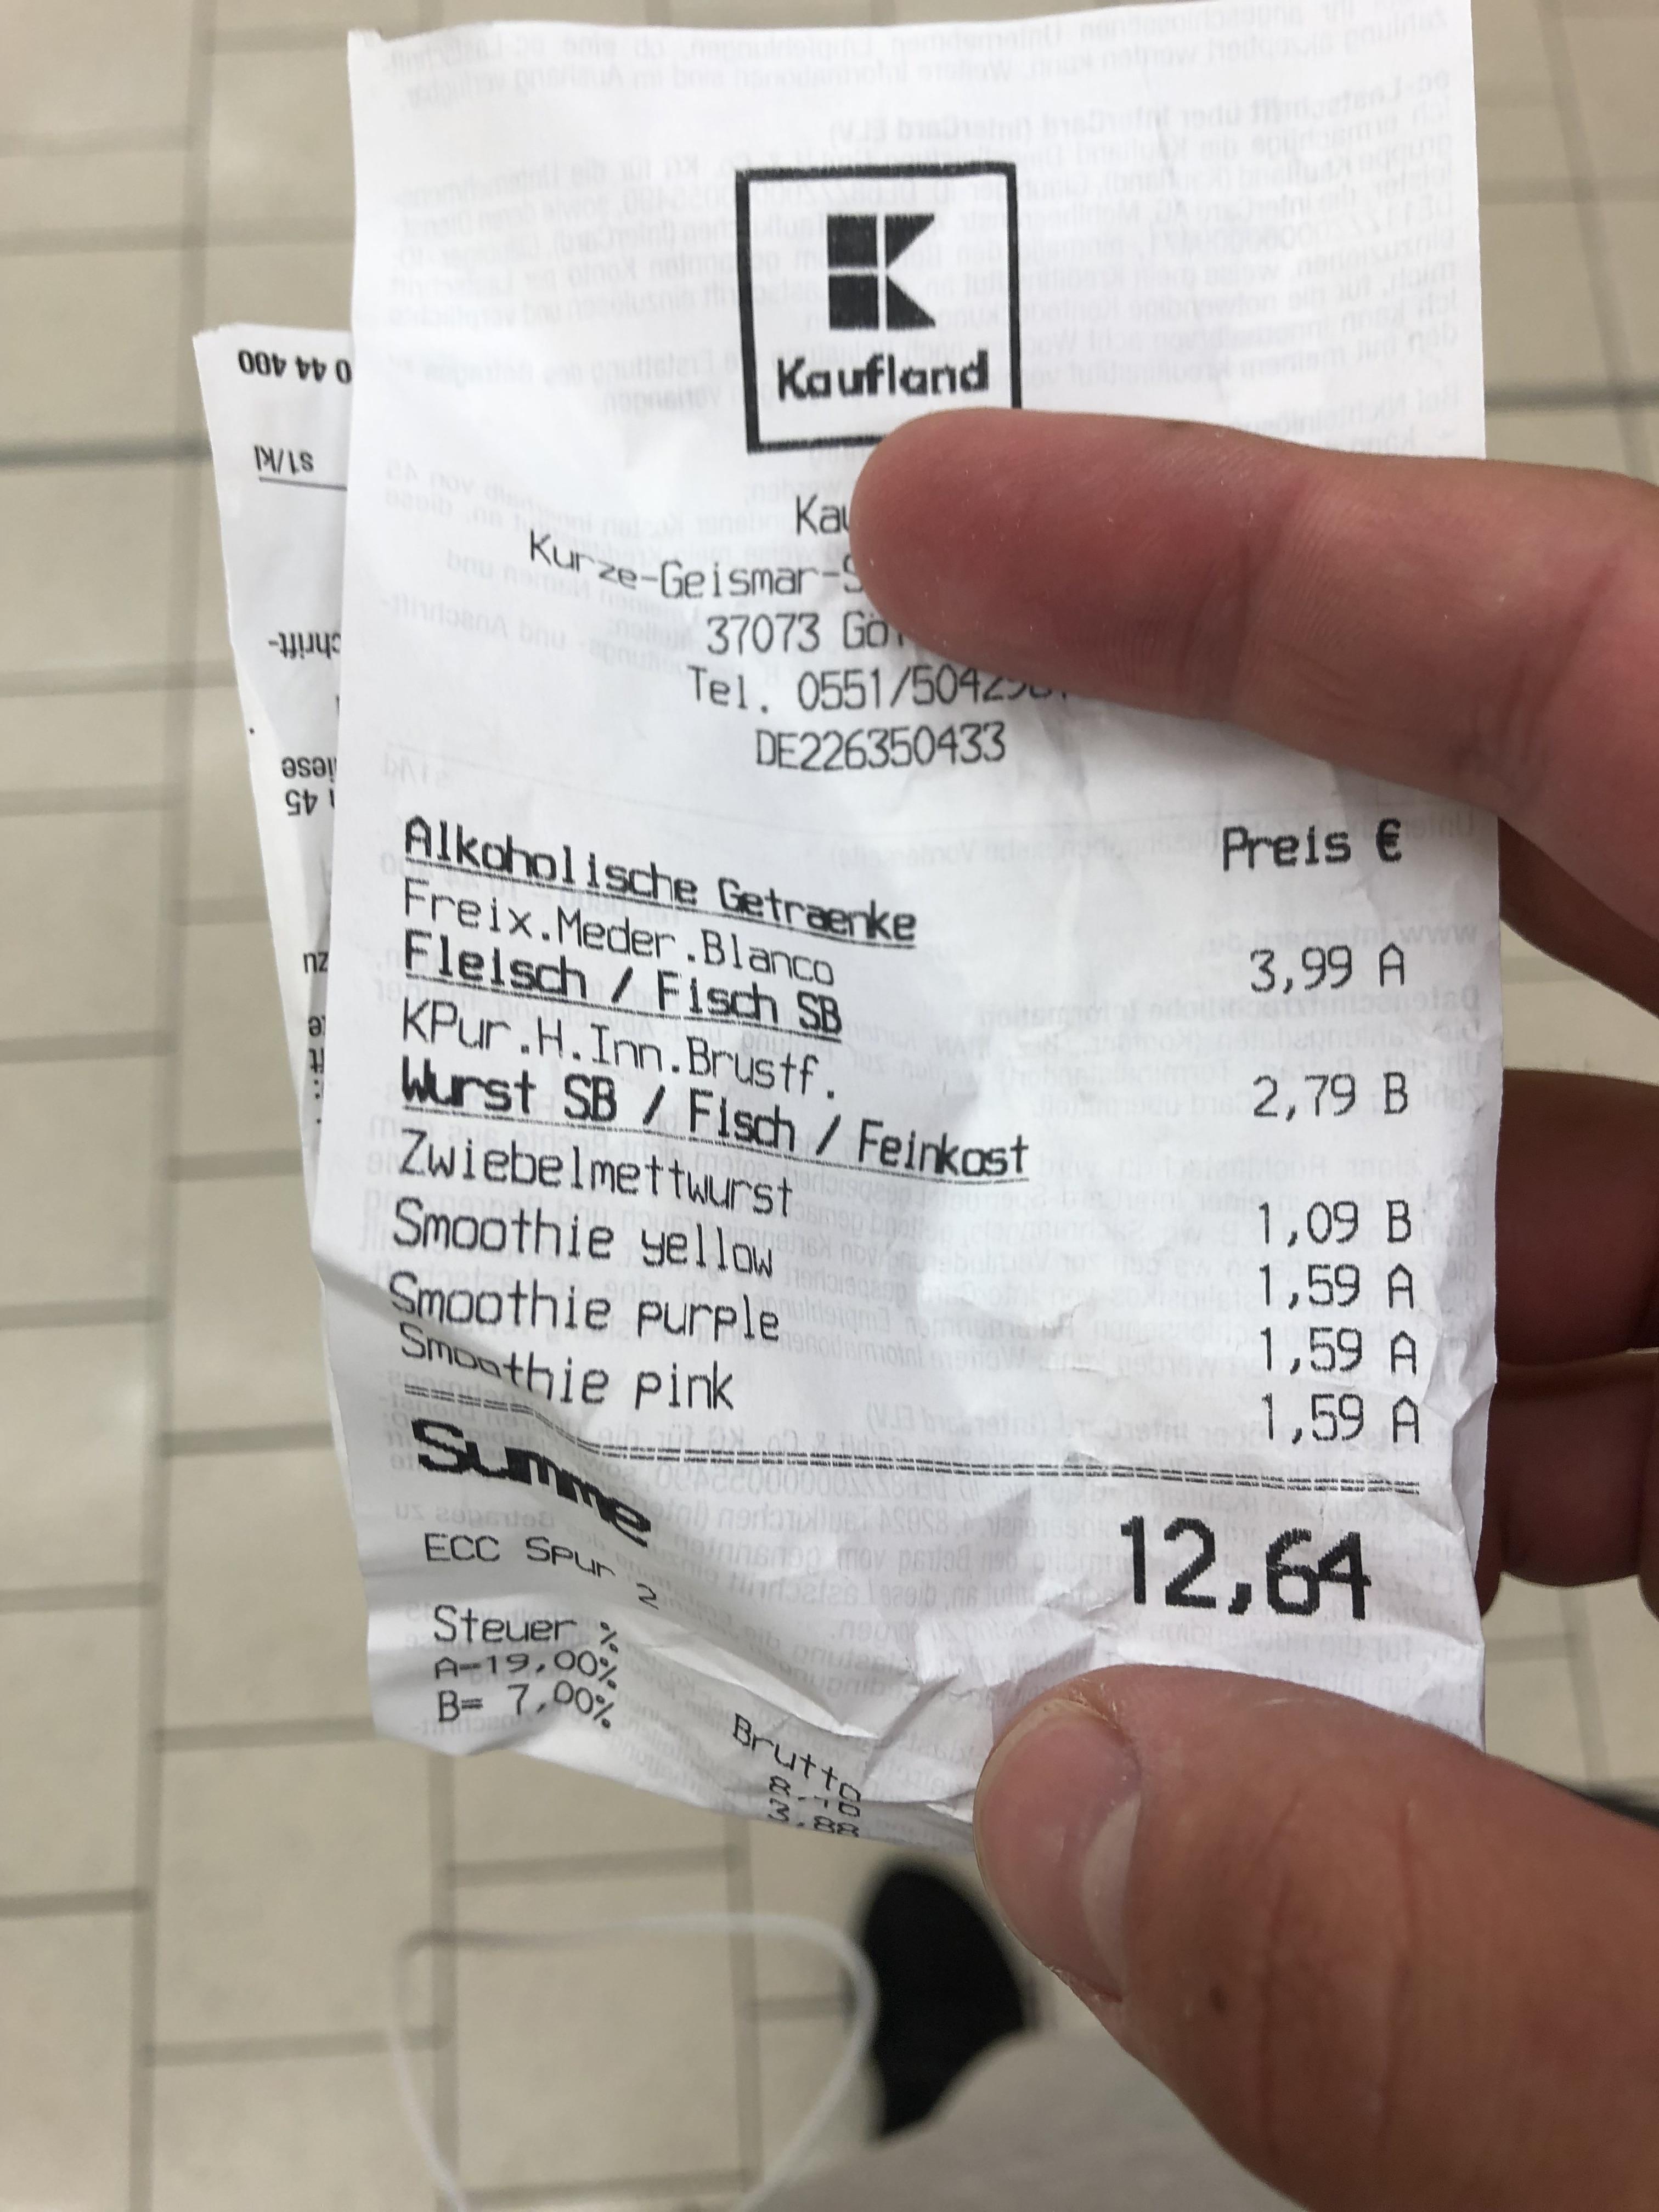 LOKAL - True fruits Smoothies in der 750ml Variante für 1,59€